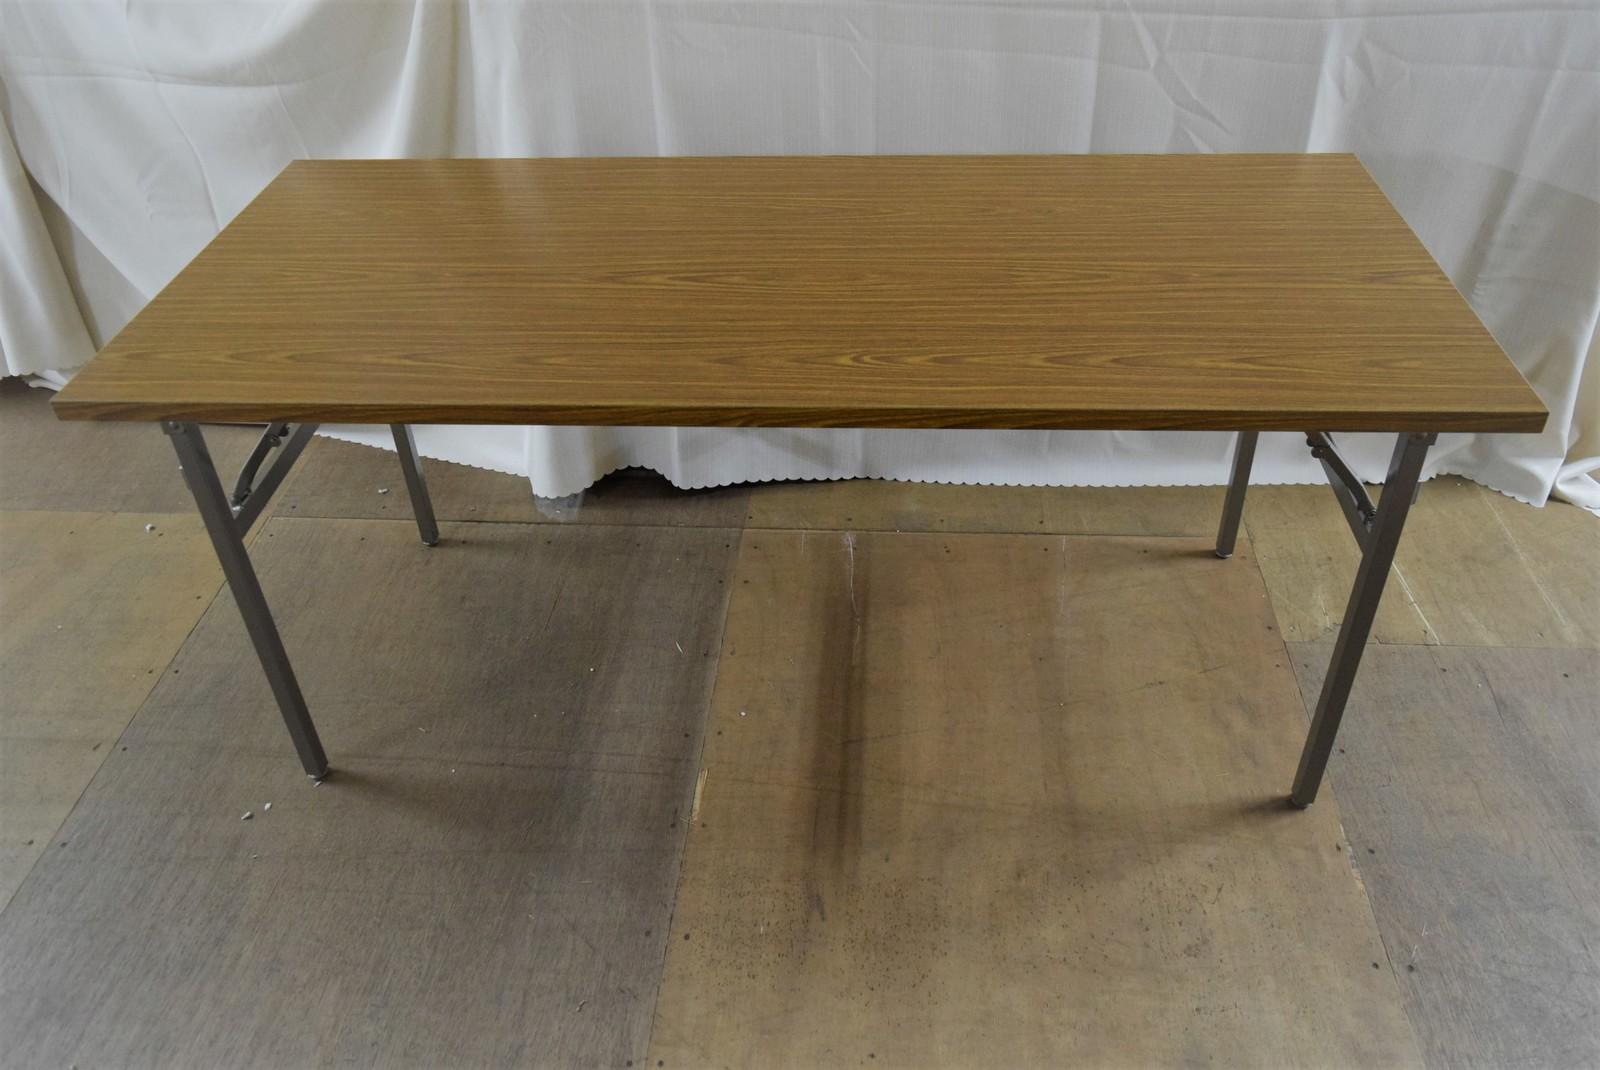 角テーブル1600×700高さ700mm 天板:メラミンチーク共巻 脚部:スチール製焼付塗装 特徴:折りたたみバネ脚 商品コンディションランキング:N